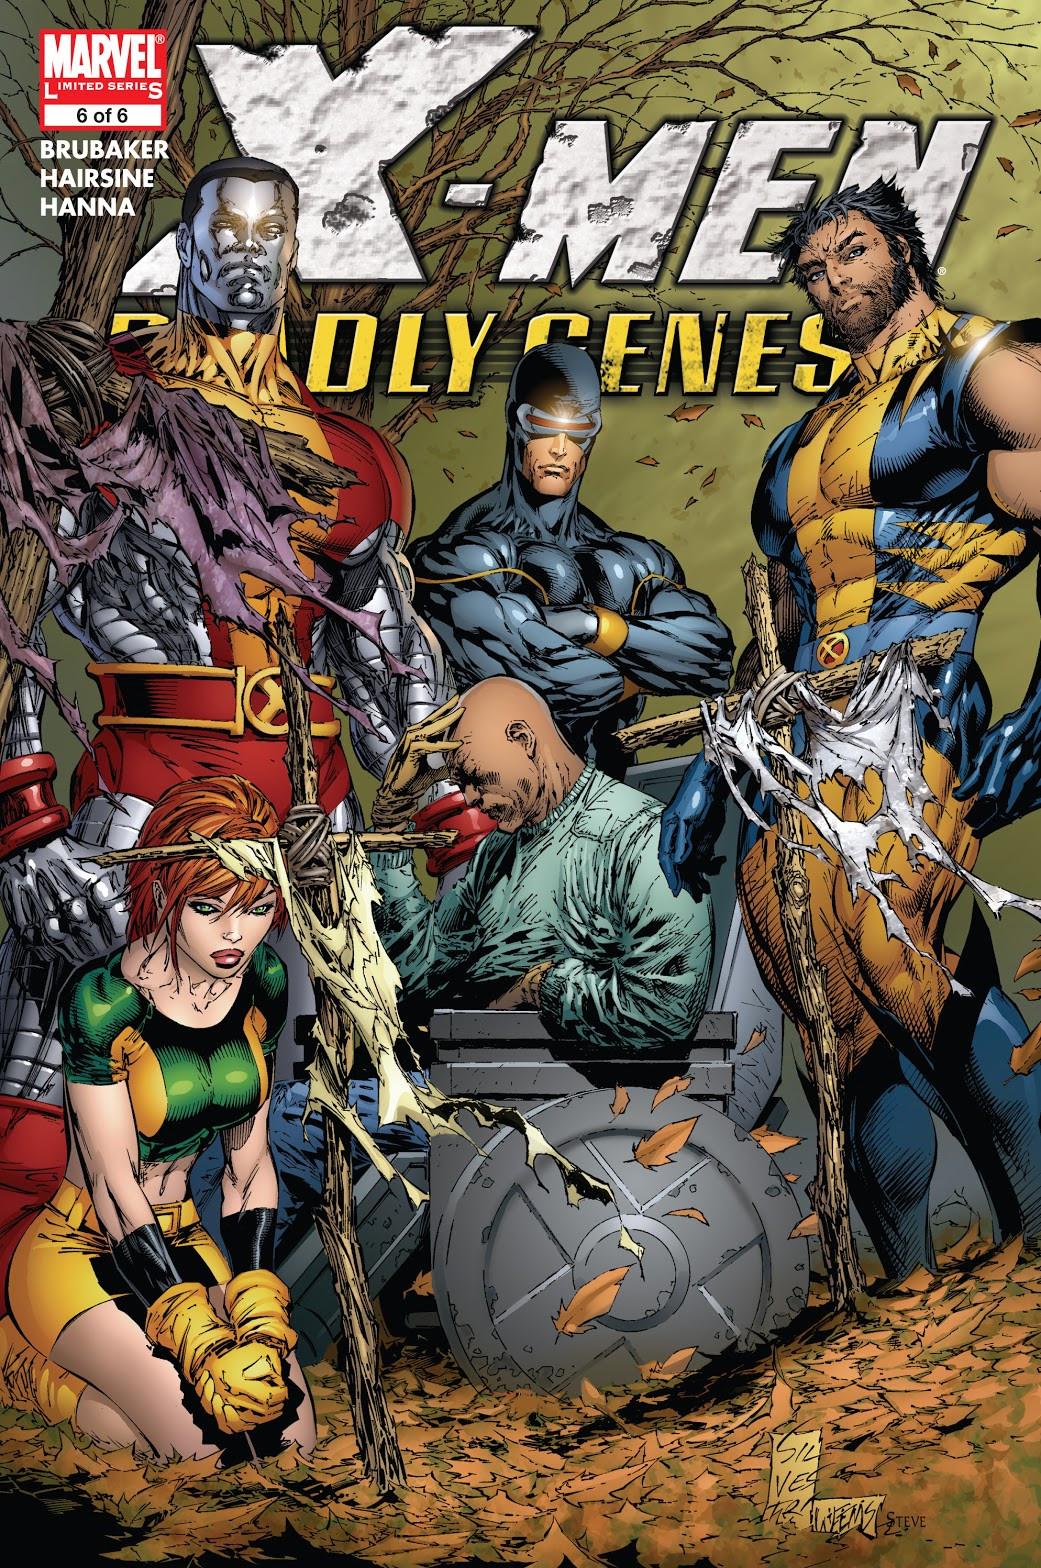 17 - Les comics que vous lisez en ce moment - Page 29 X-Men_Deadly_Genesis_Vol_1_6